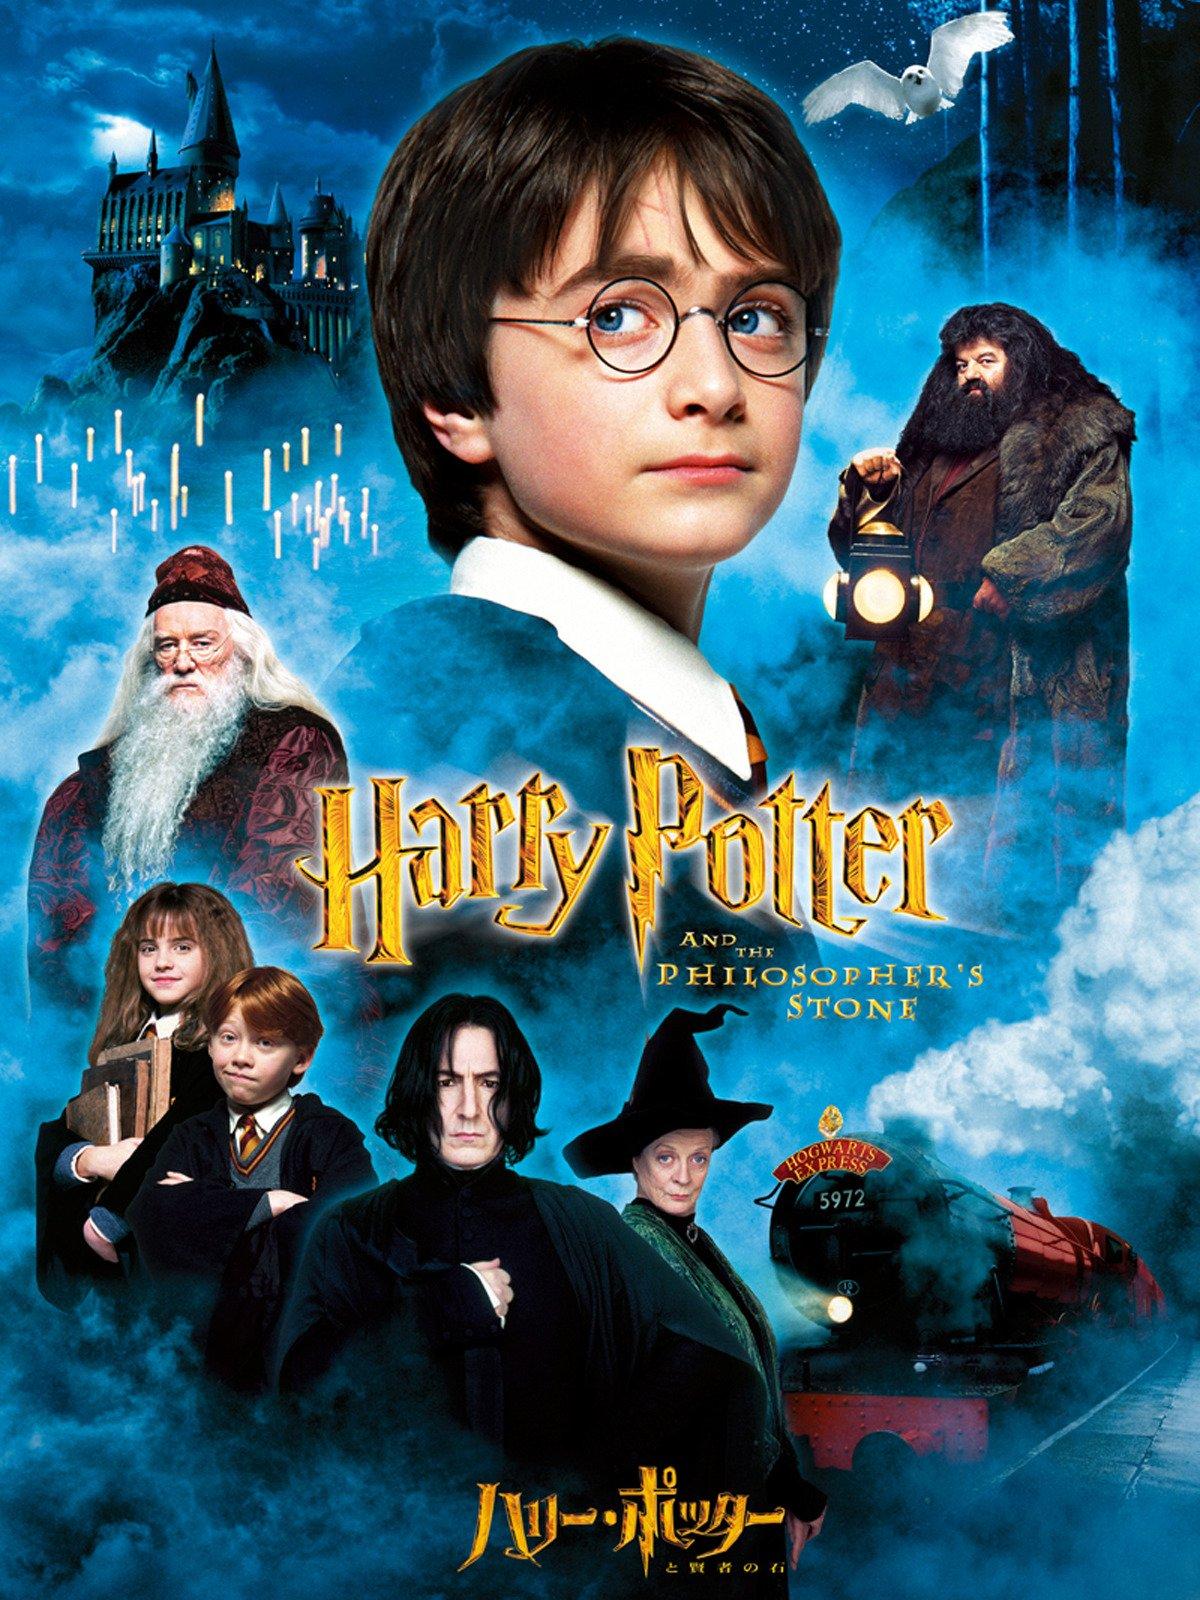 ポッター 賢者 石 動画 の フル ハリー